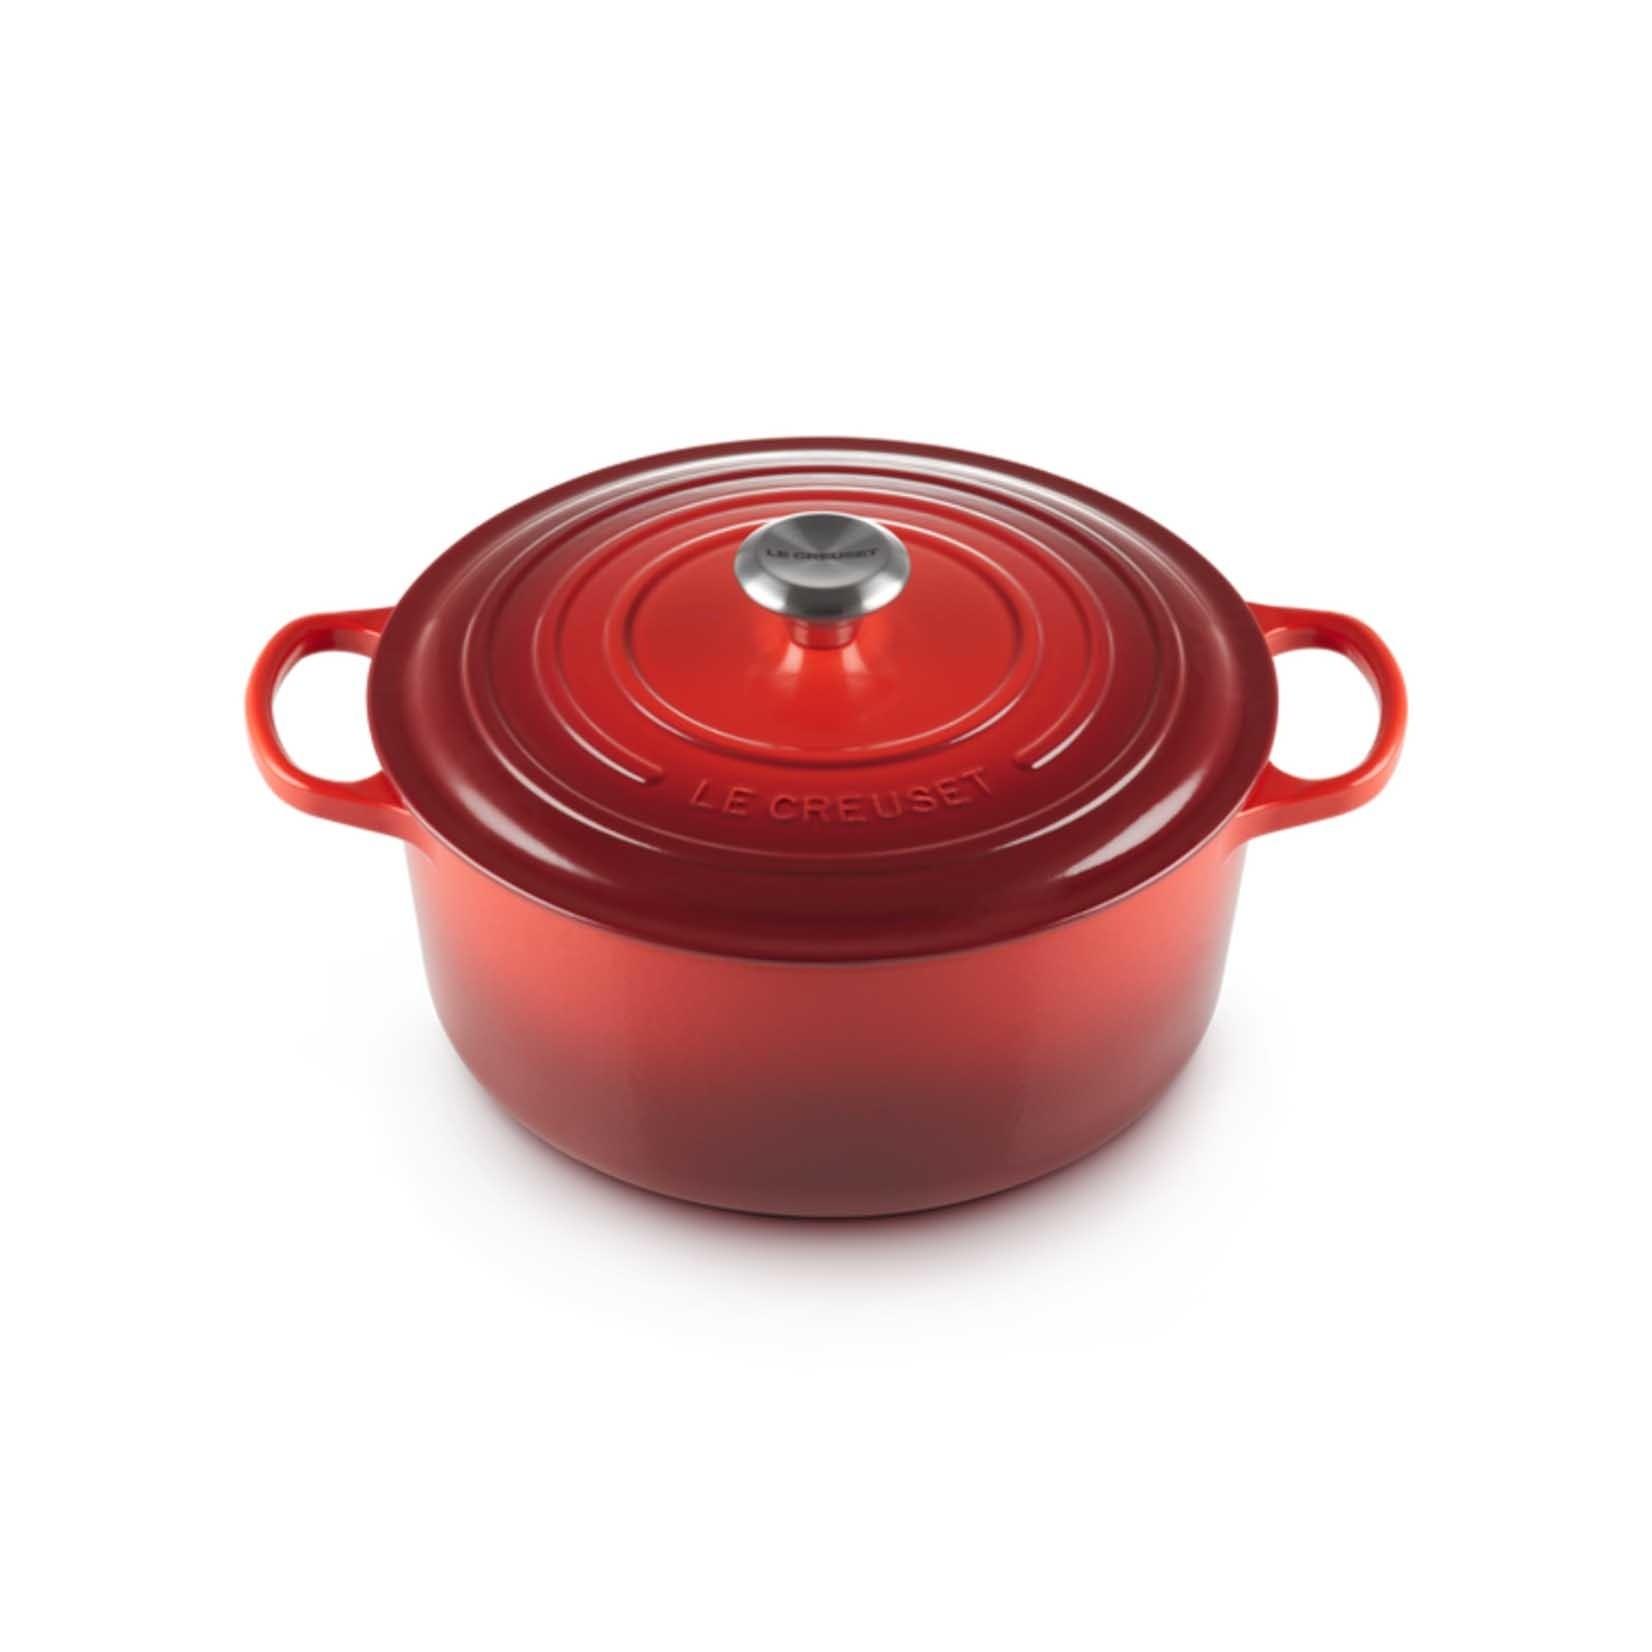 Le Creuset Cocotte rood 28cm